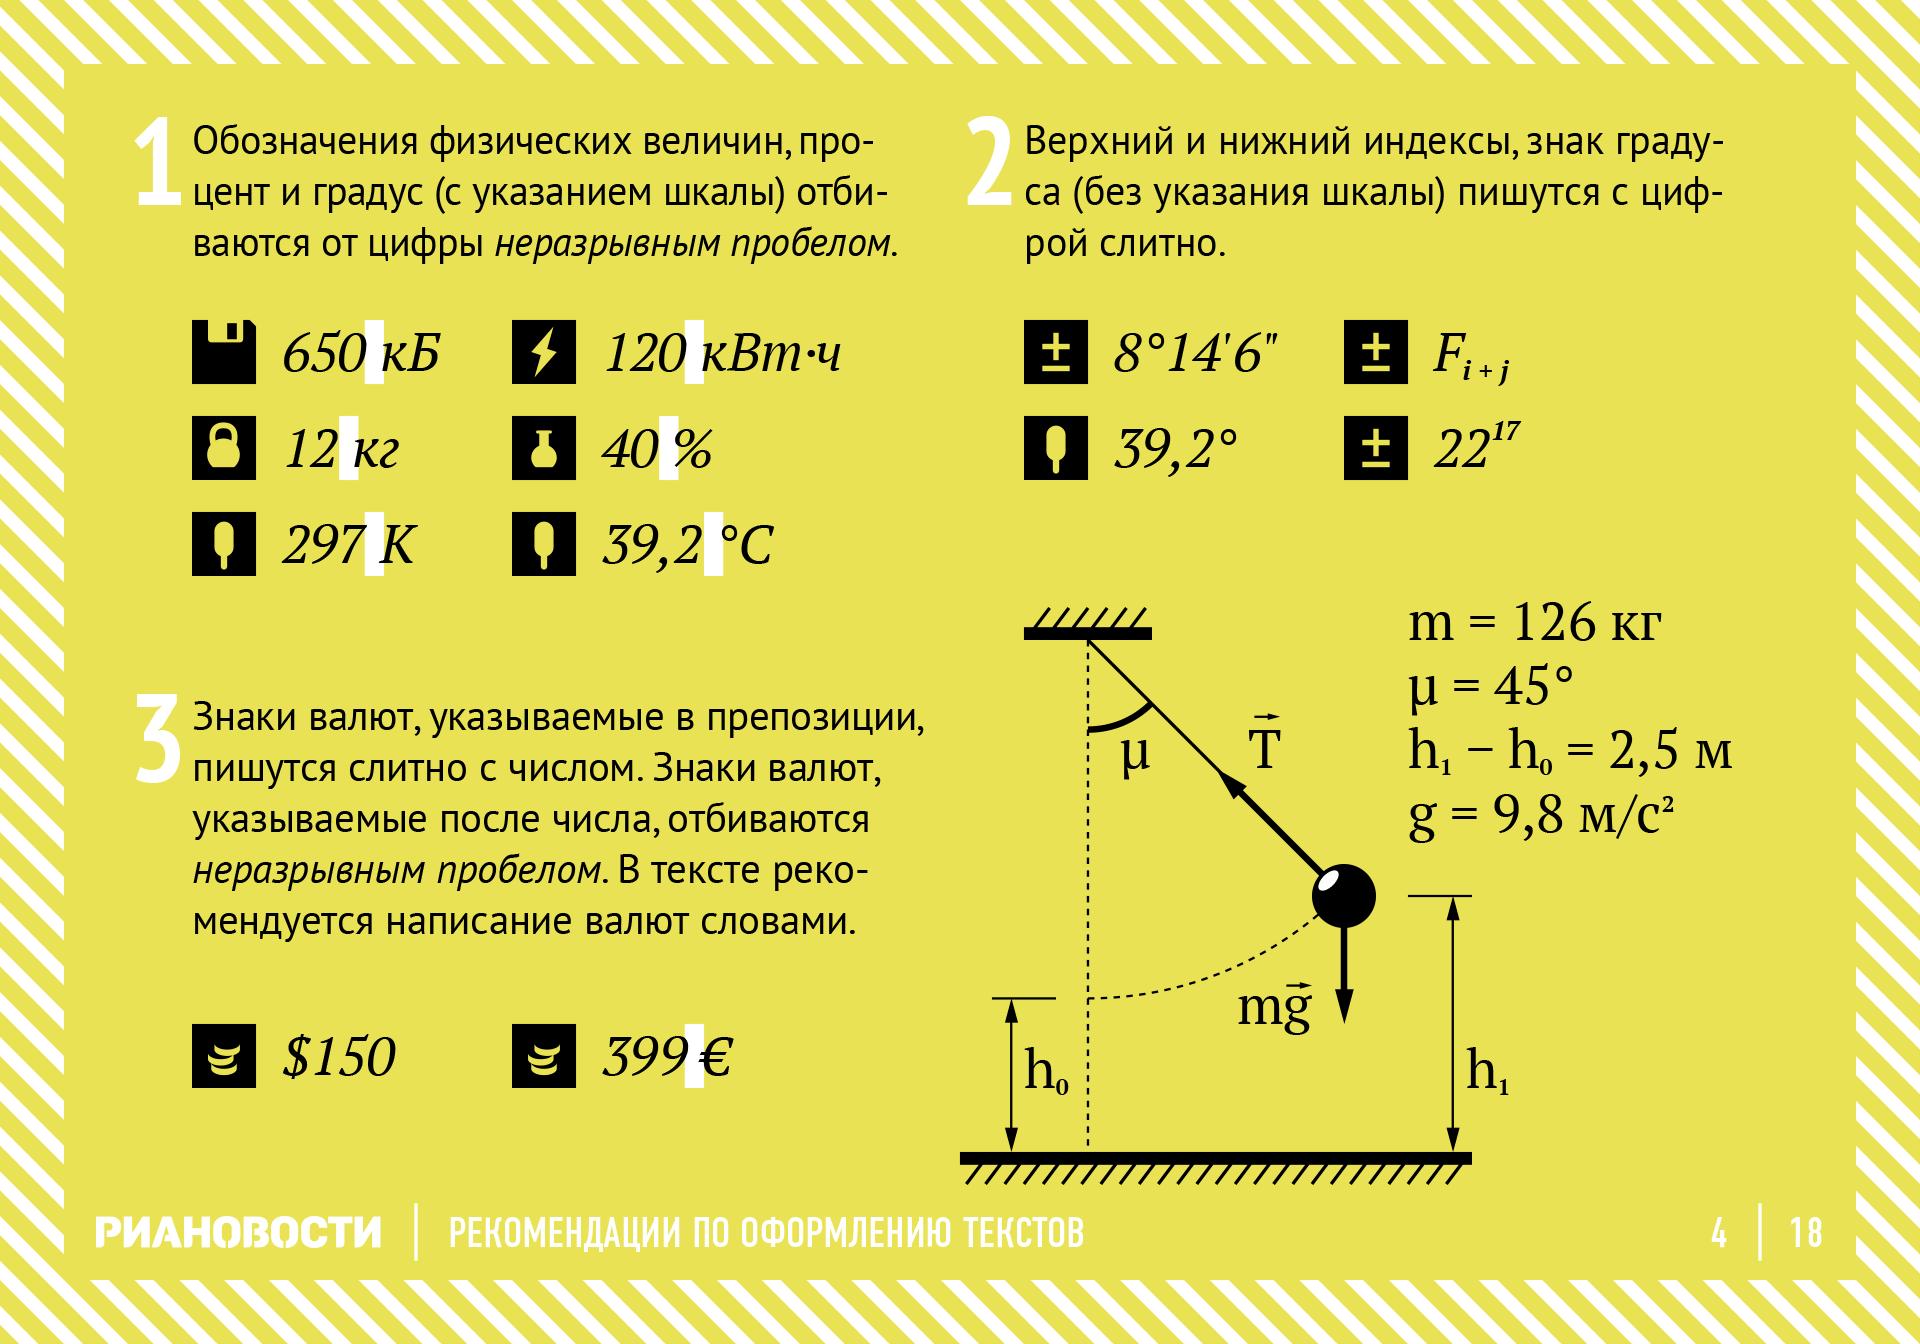 Рекомендации по оформлению текстов. Физические величины. RIA